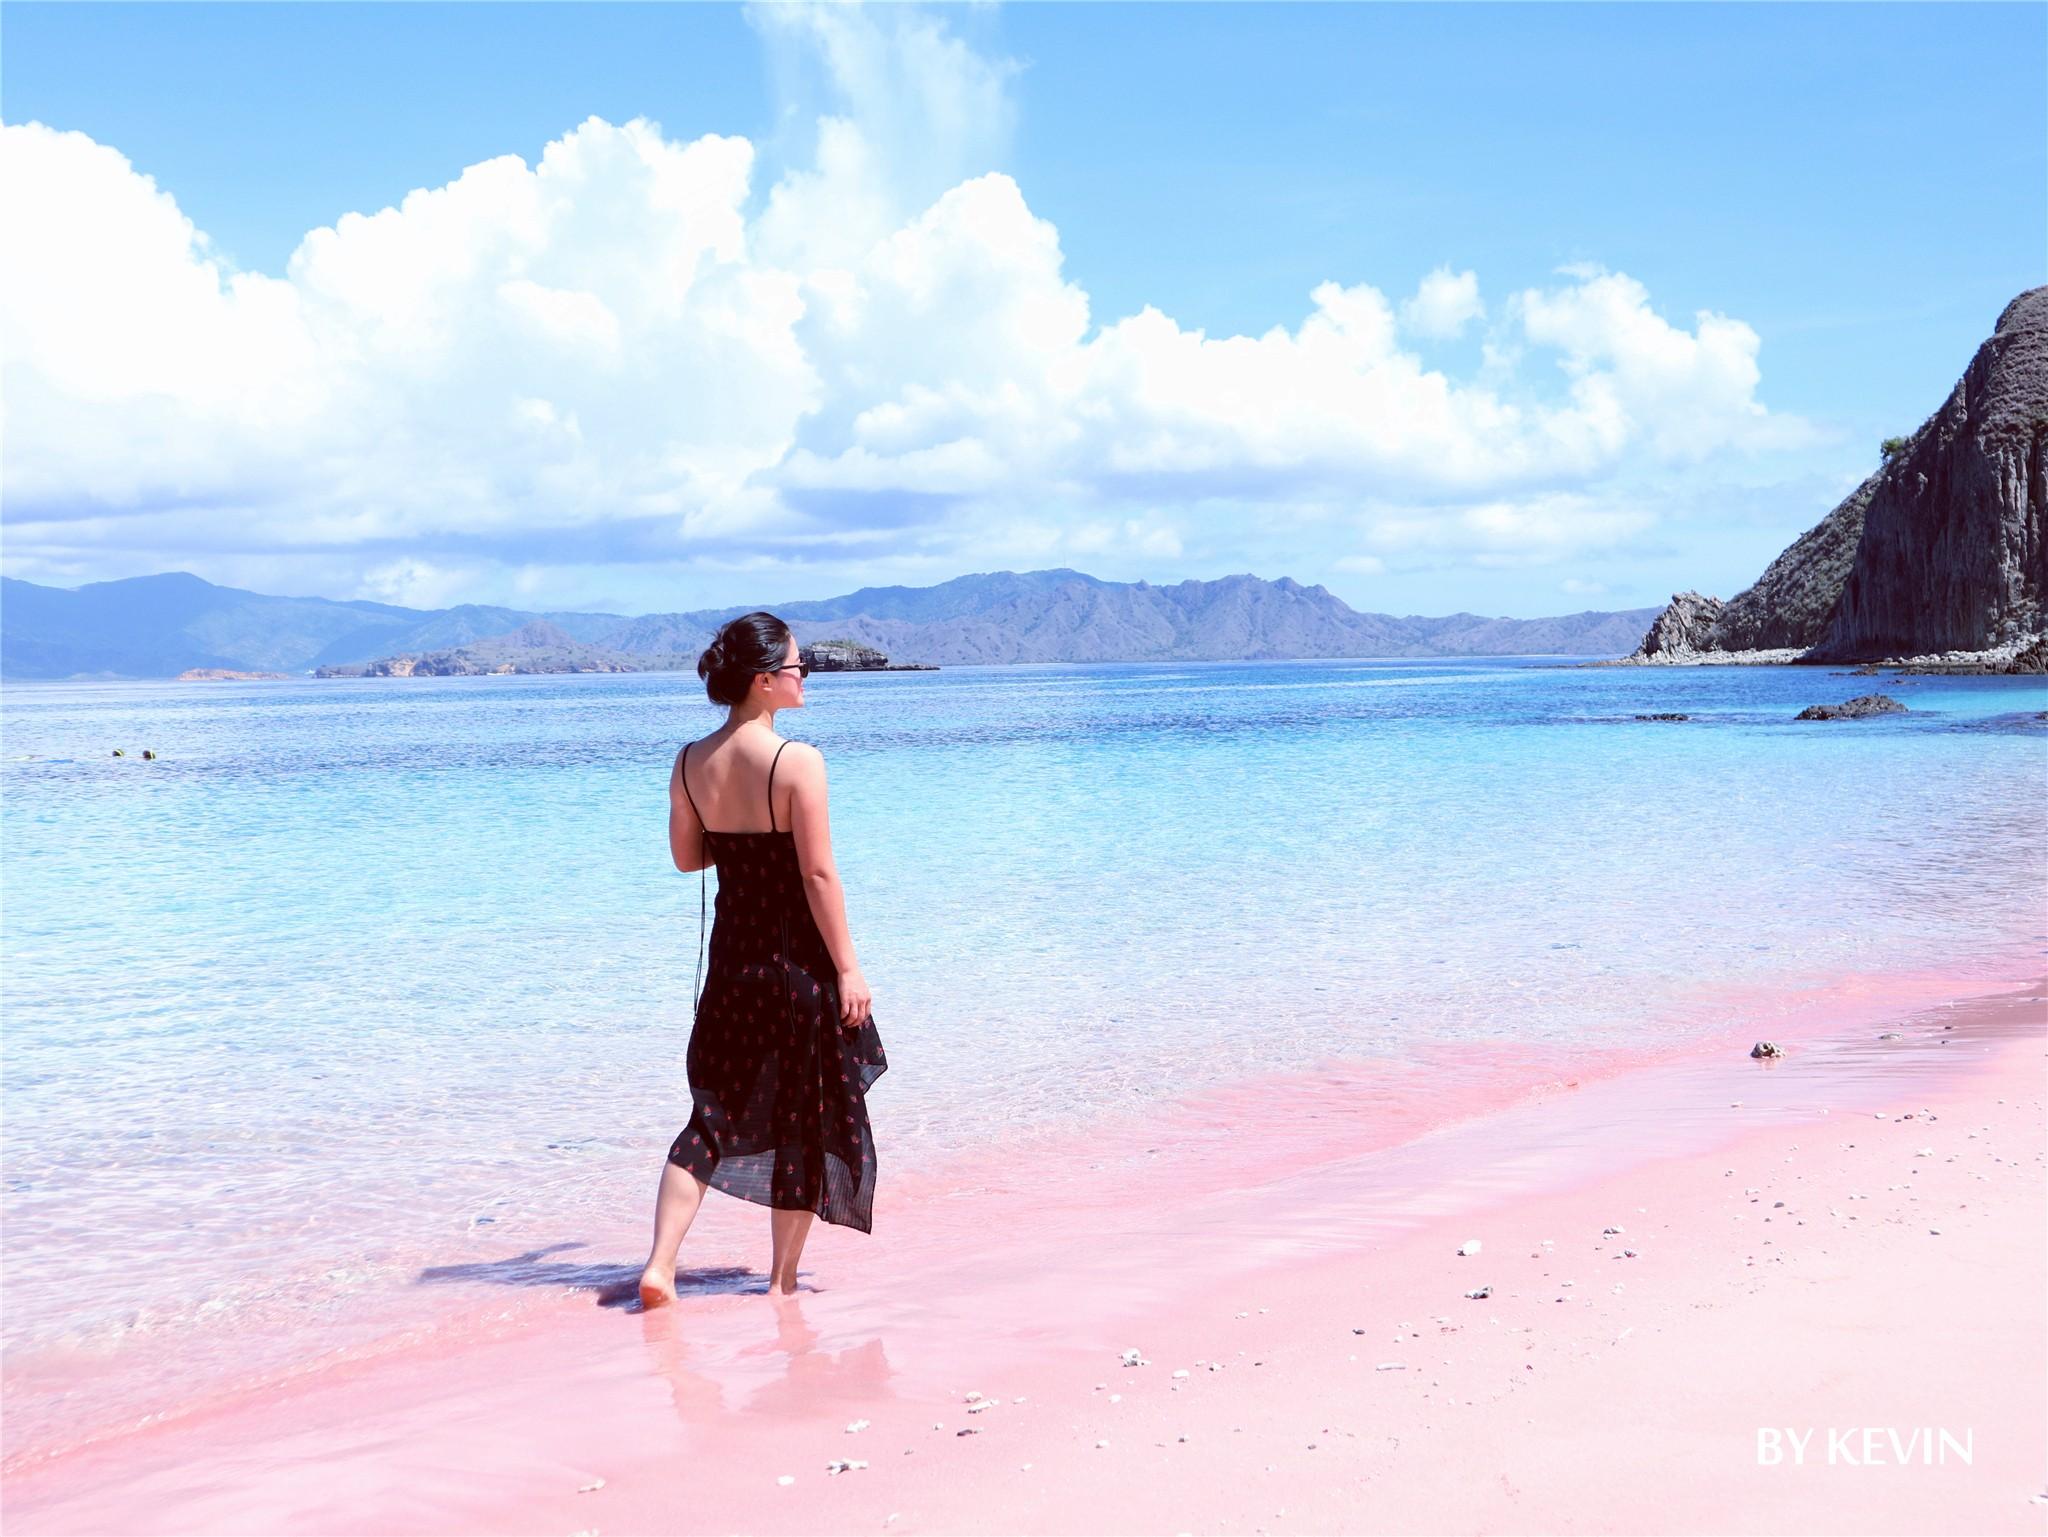 ·新冠阴影下的科莫多巴厘岛之行,世界很美,学会珍惜,少些贪婪_游记